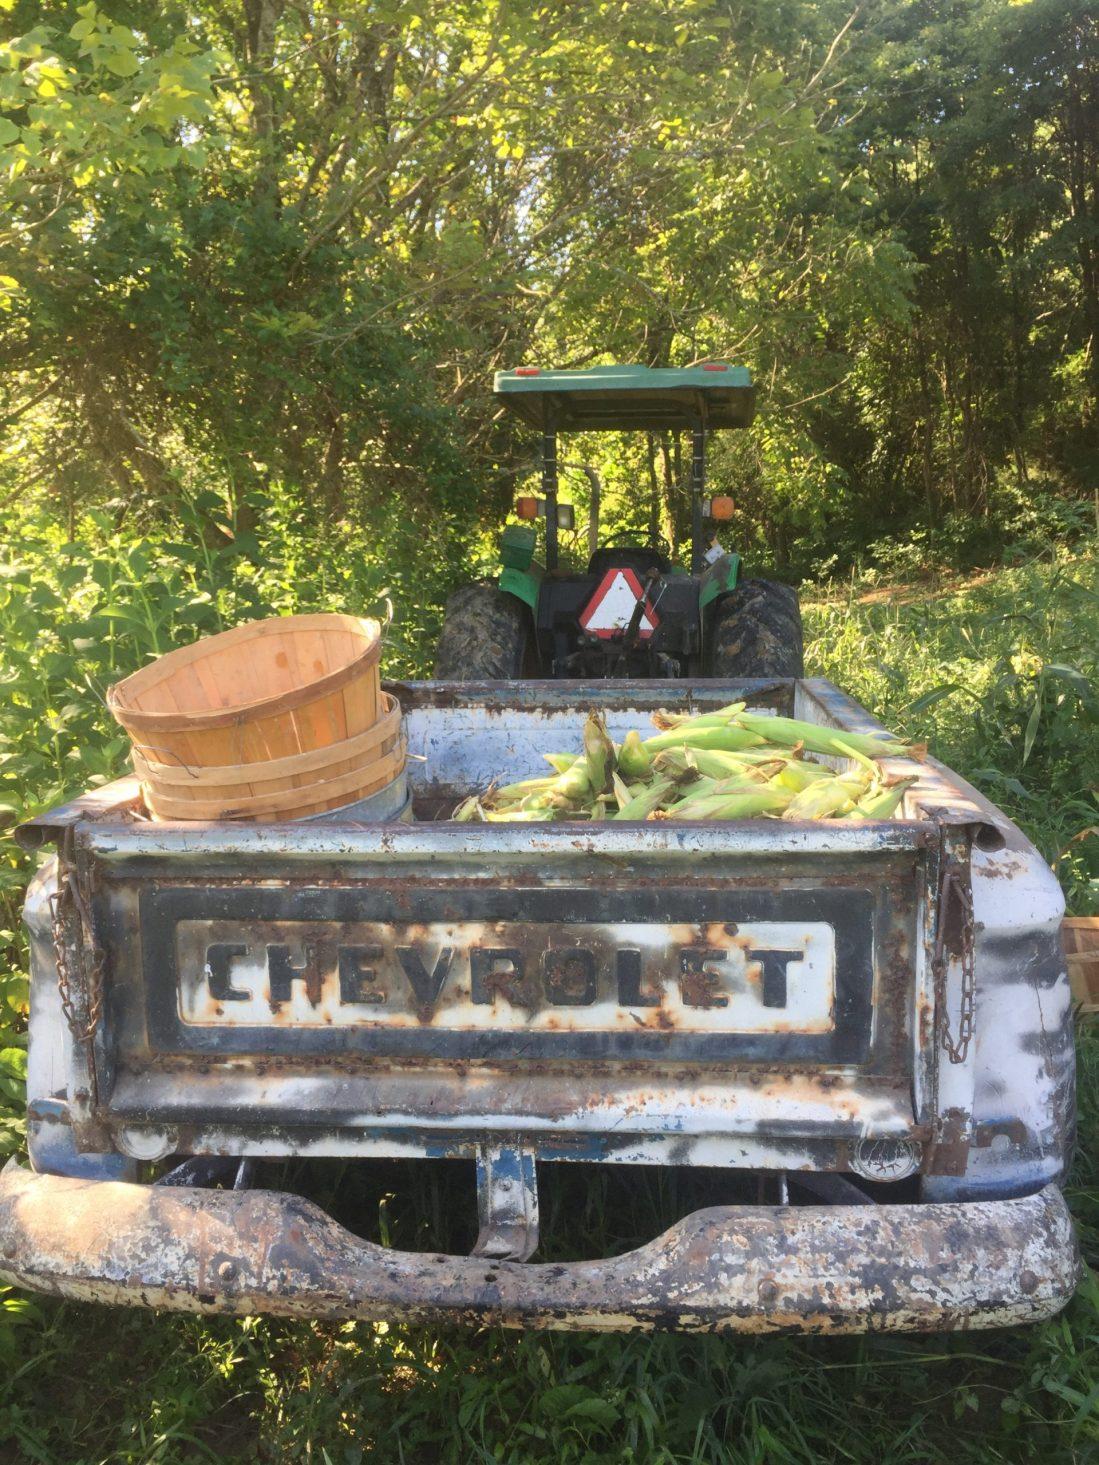 Corn harvest in old truck